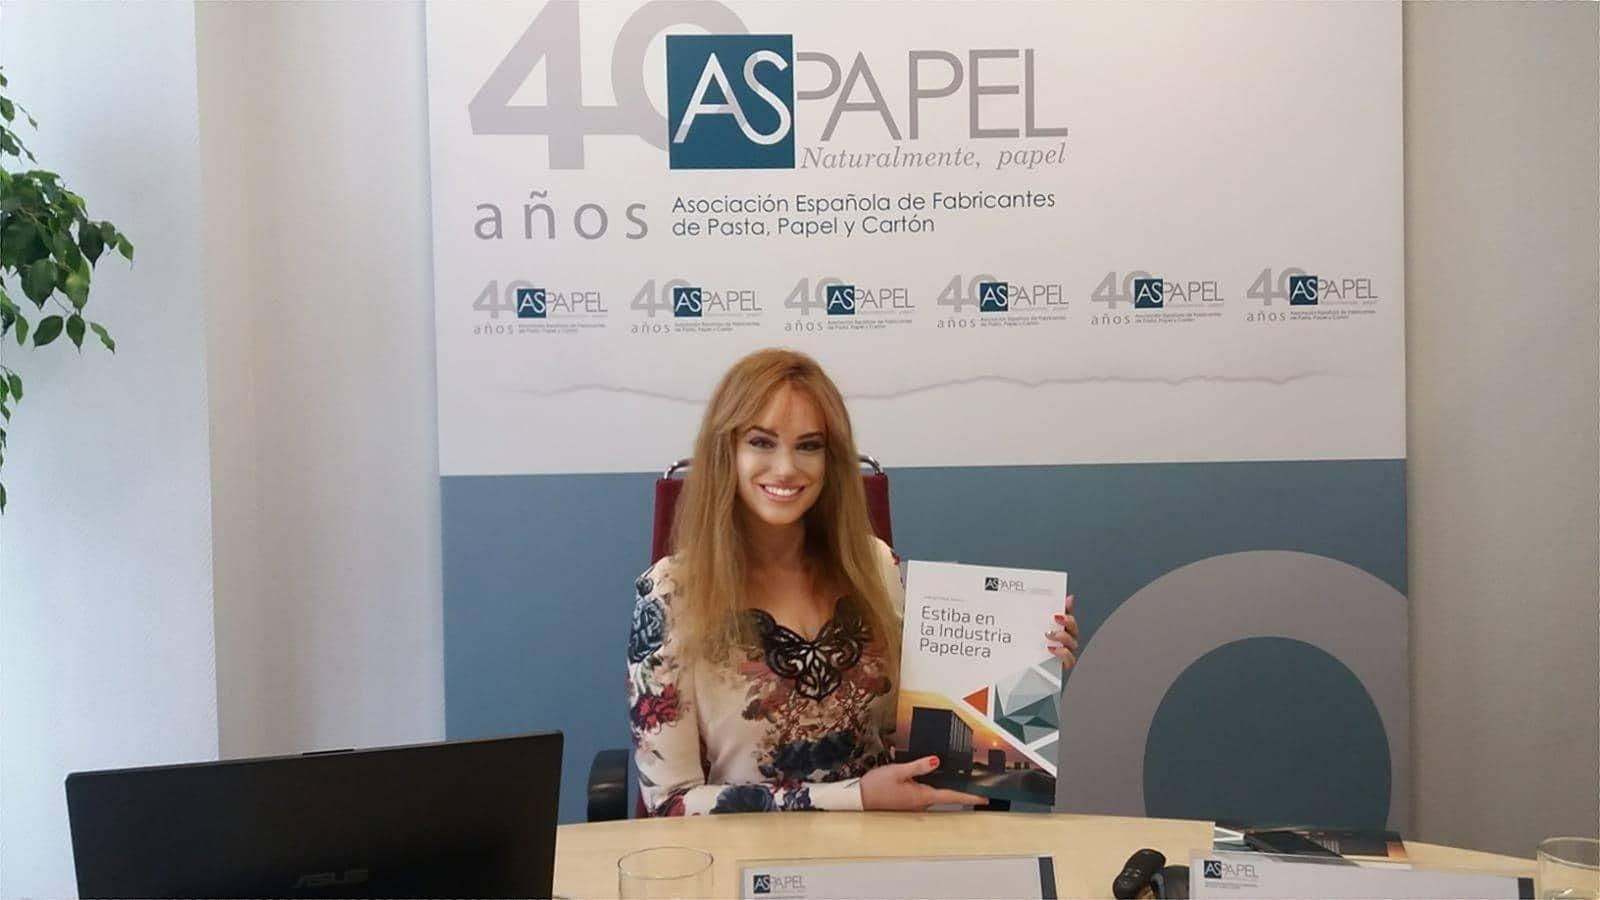 Eva María Hernández Ramos, abogada y una referente dentro de su sector a nivel europeo